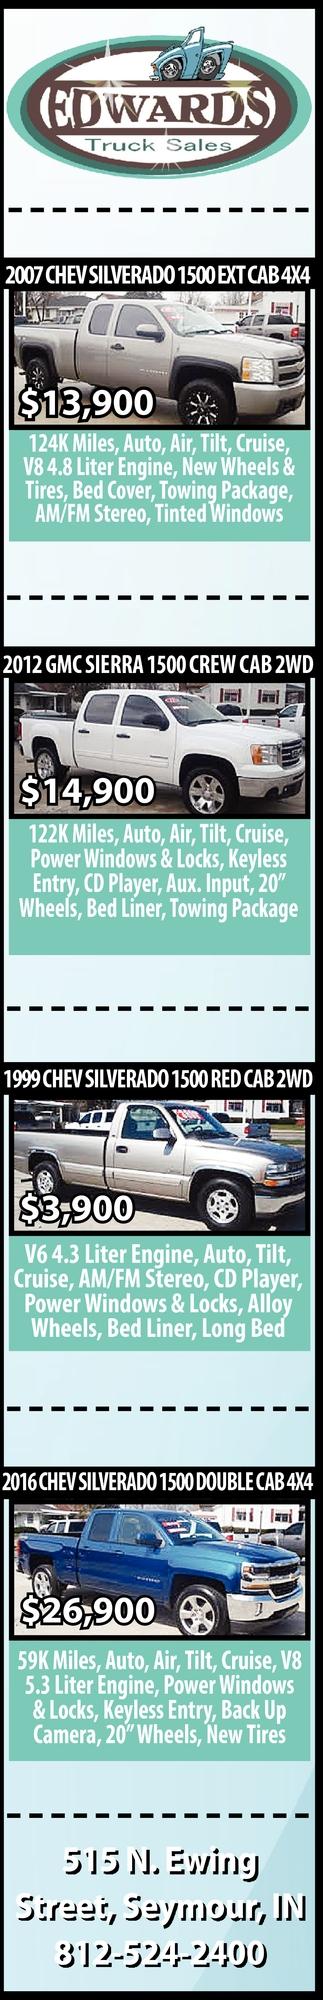 2017 Chev Silverado 1500 Ext Cab 4x4